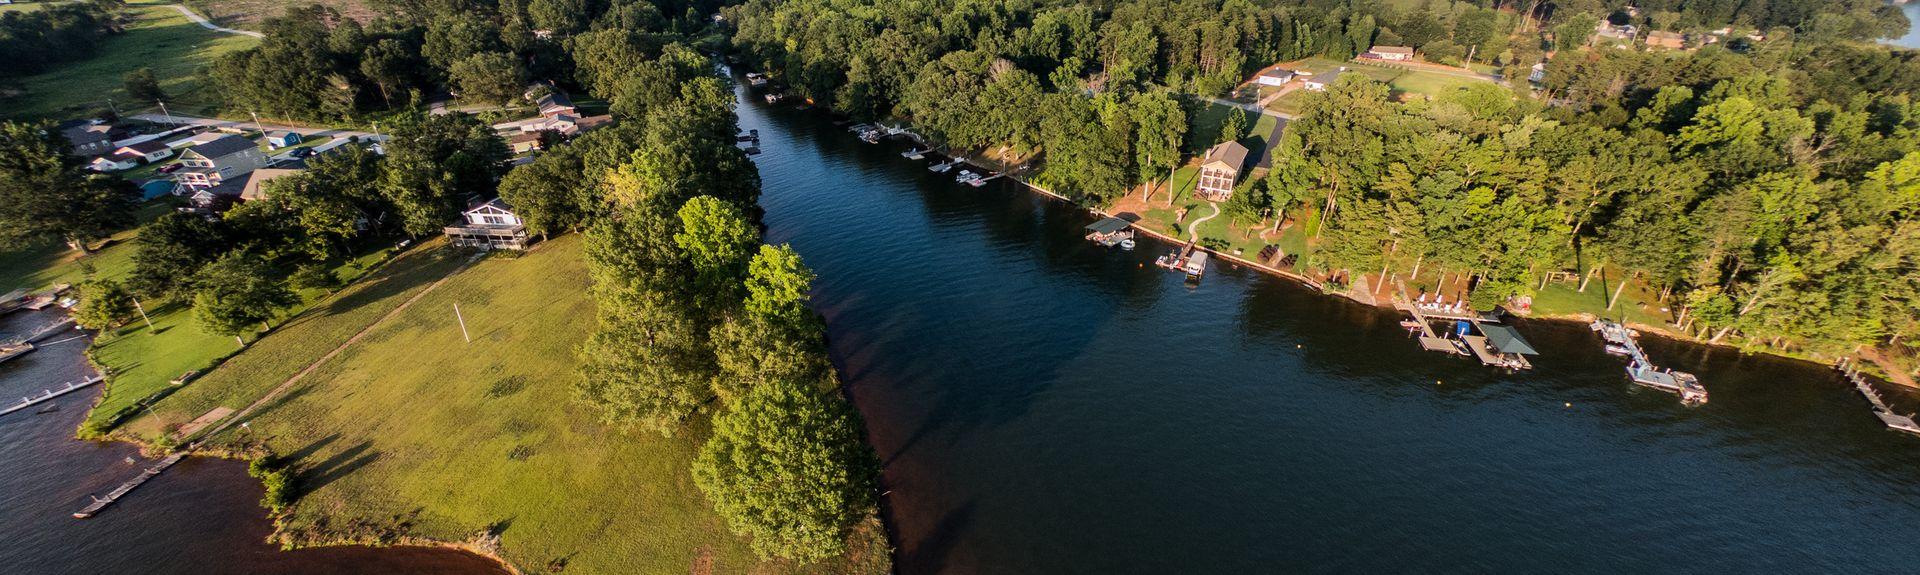 Tyger River Park, Duncan, SC, USA